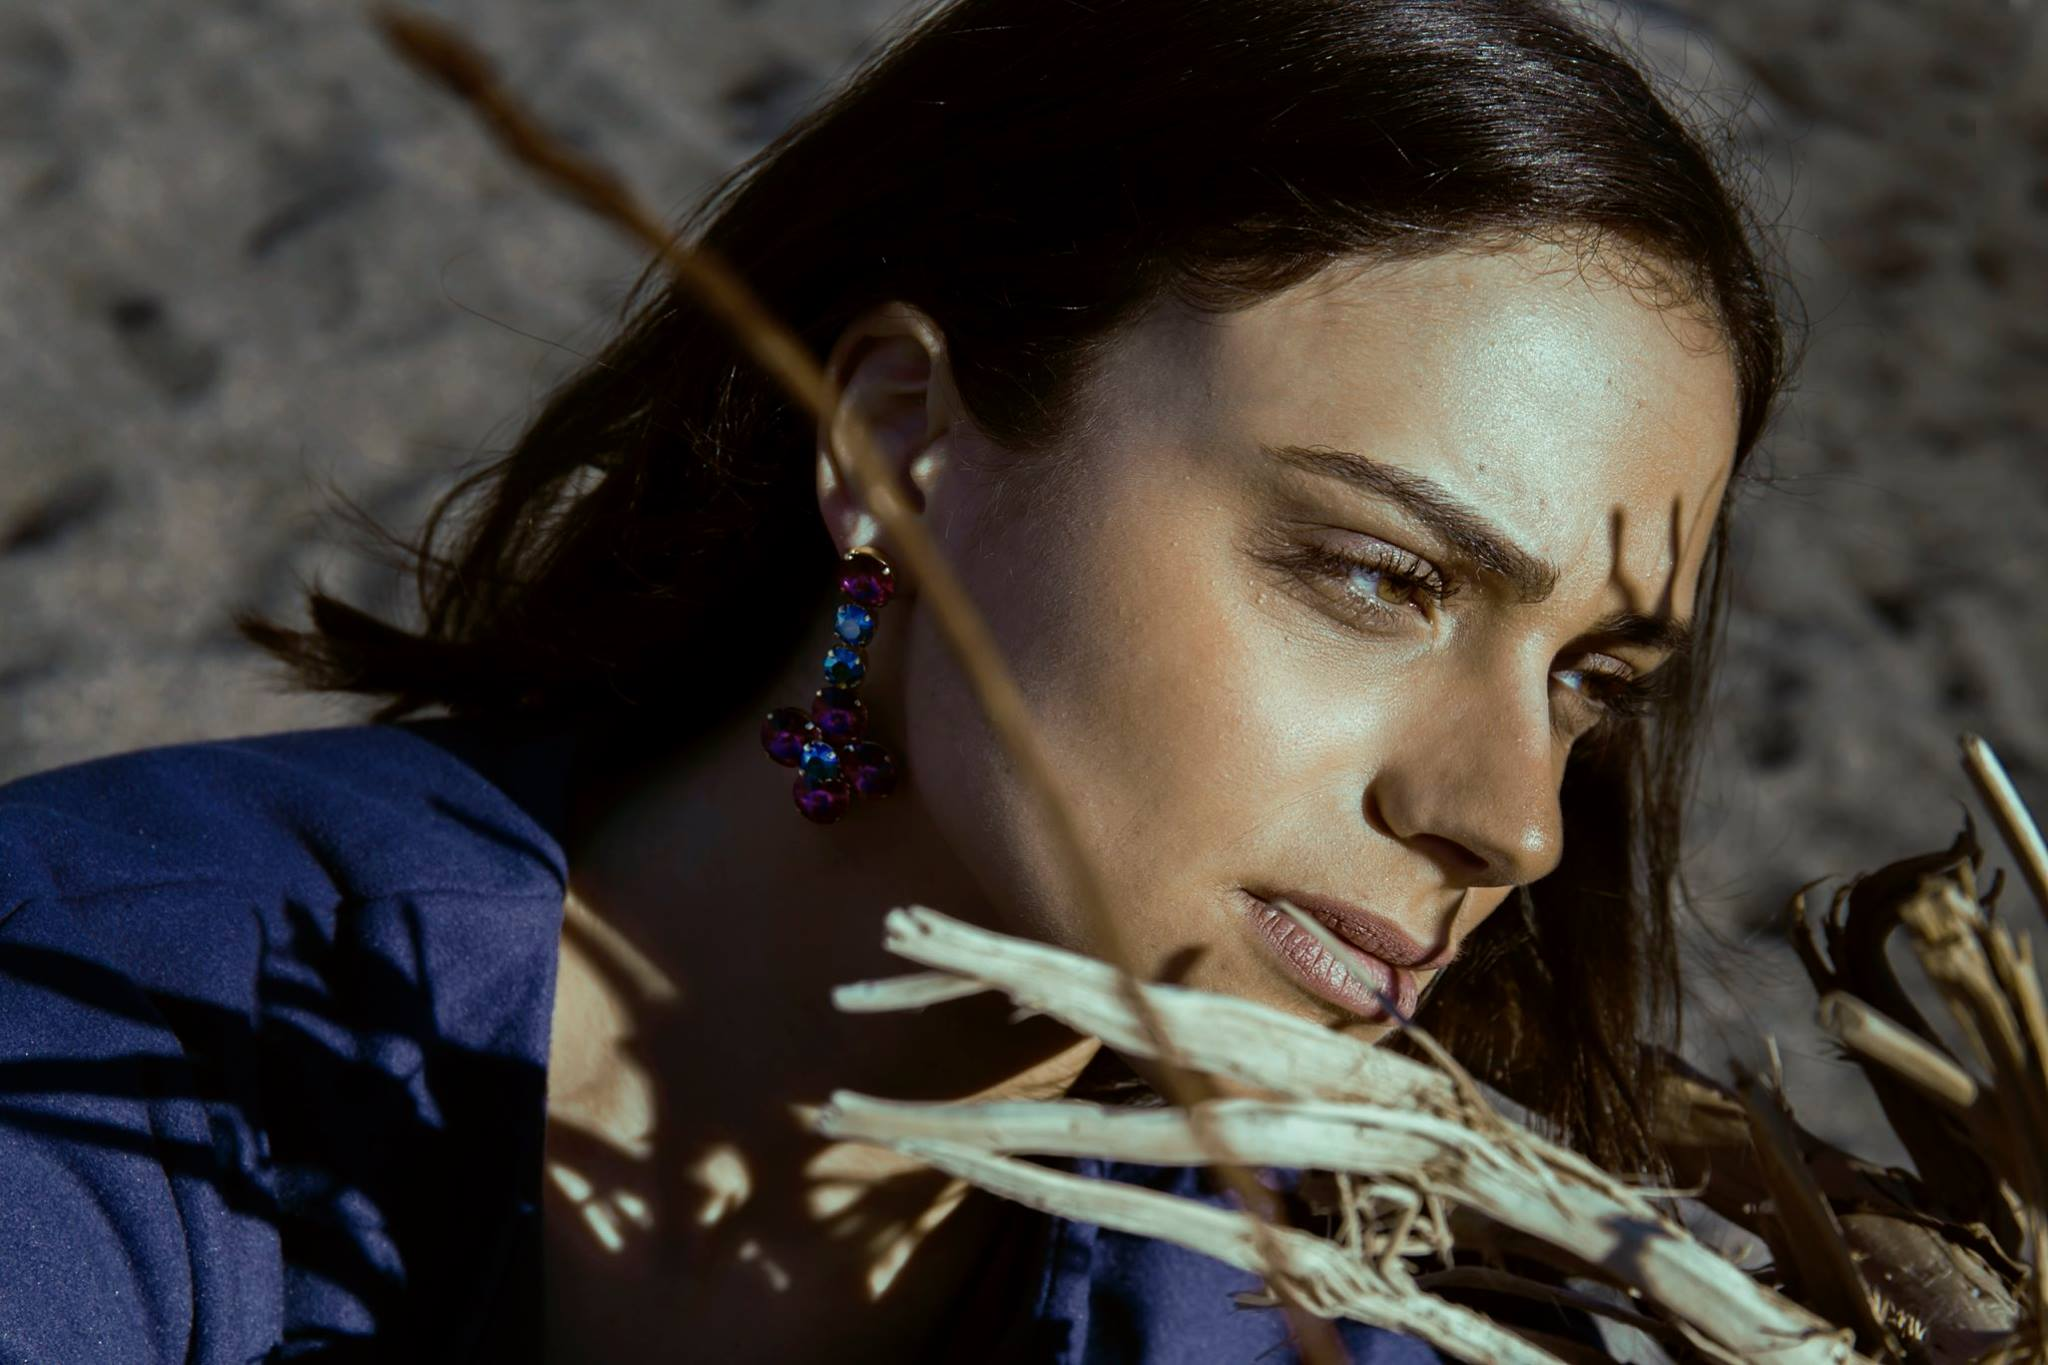 Paviè: Luce e colore nel fashion brand dedicato al gioiello